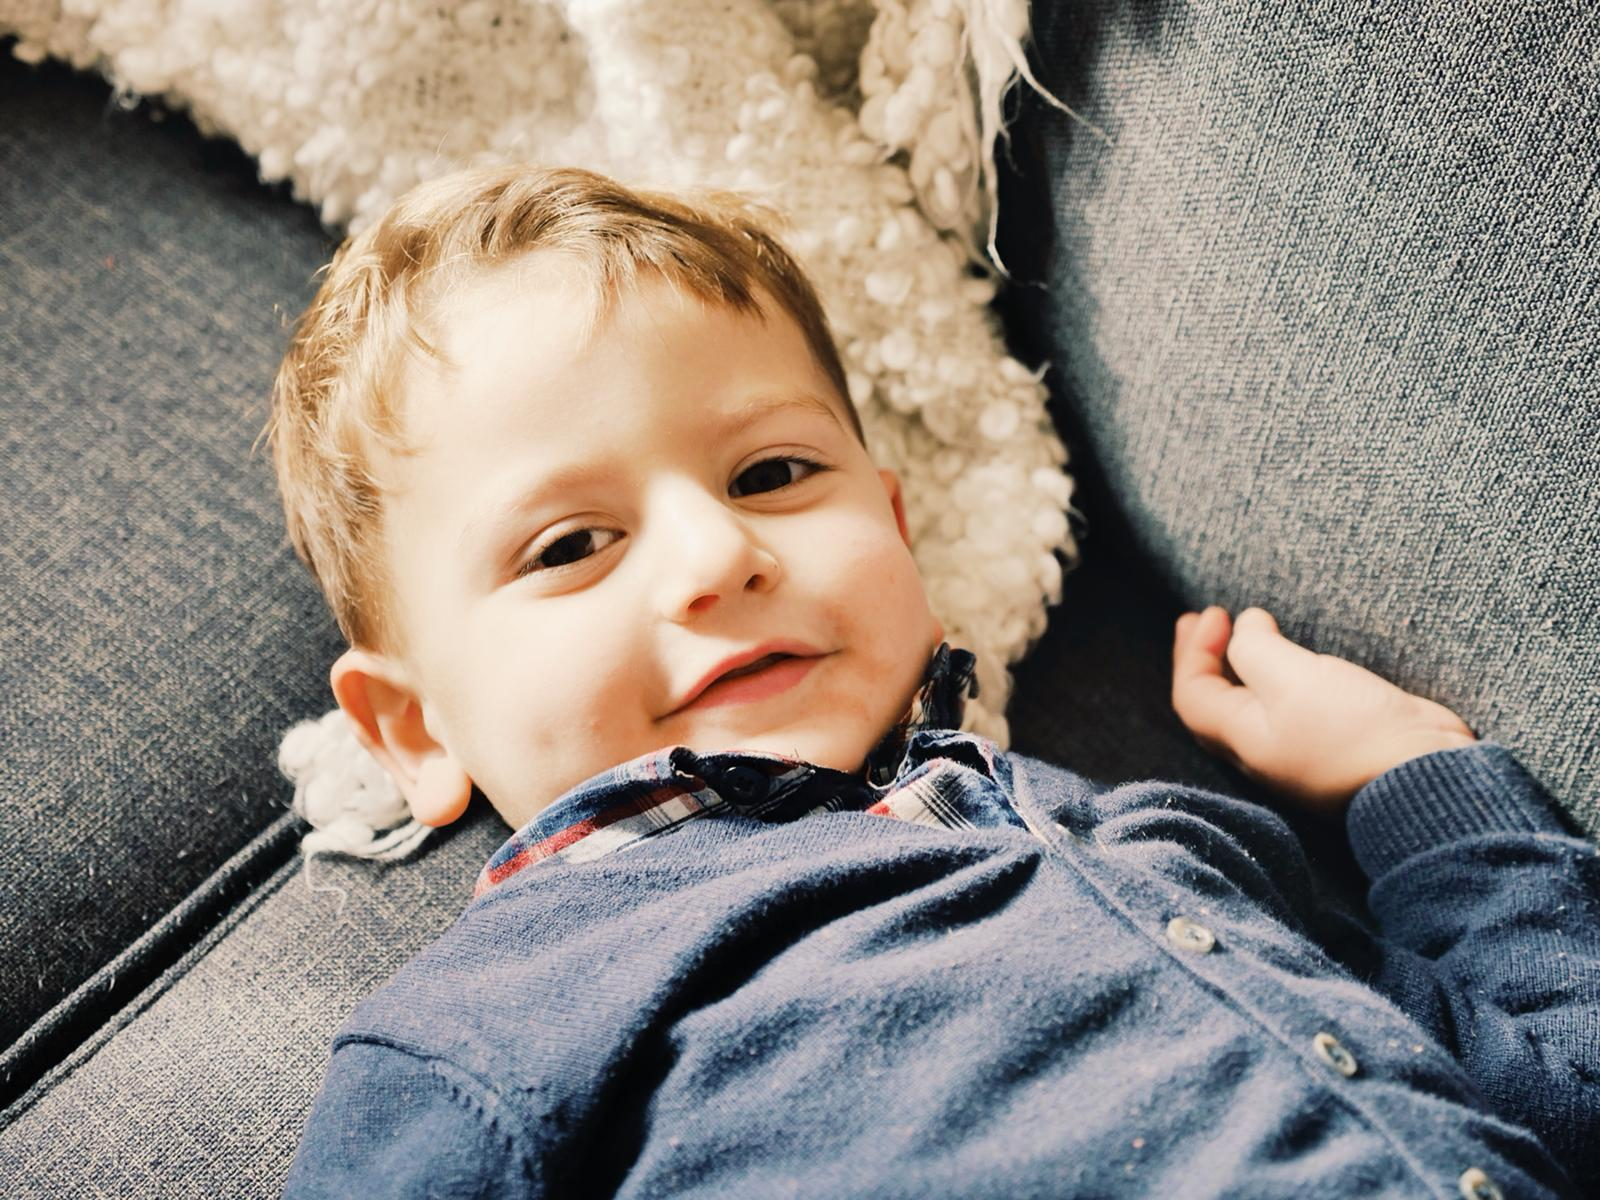 Communiquer avec bébé : ce que vous devez savoir sur le langage